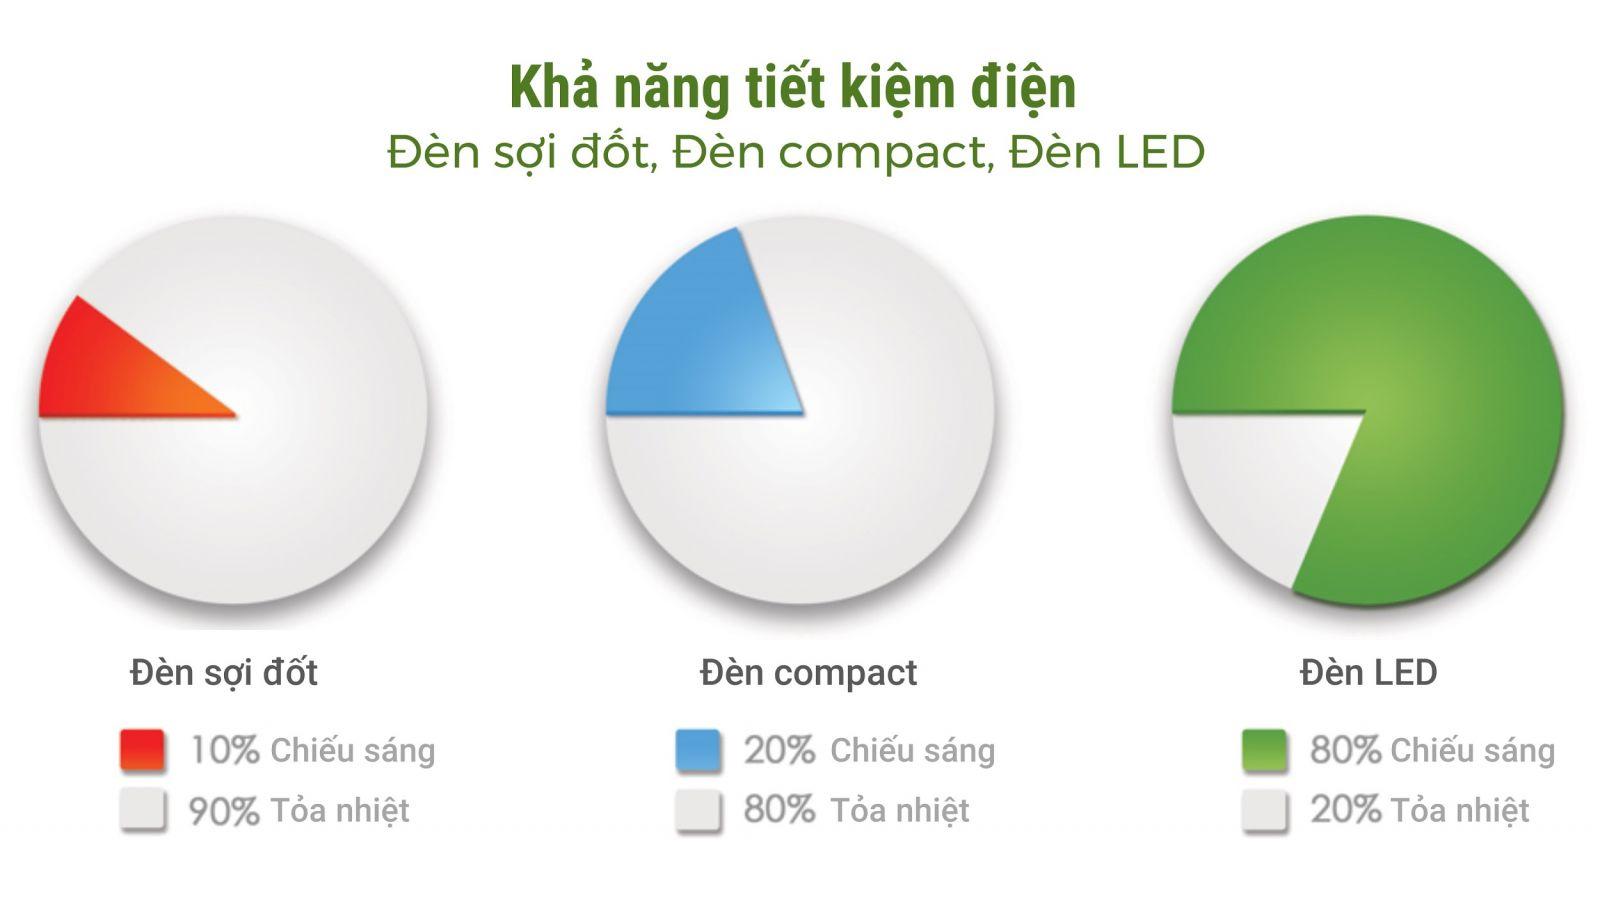 Khả năng tiết kiệm điện đèn led